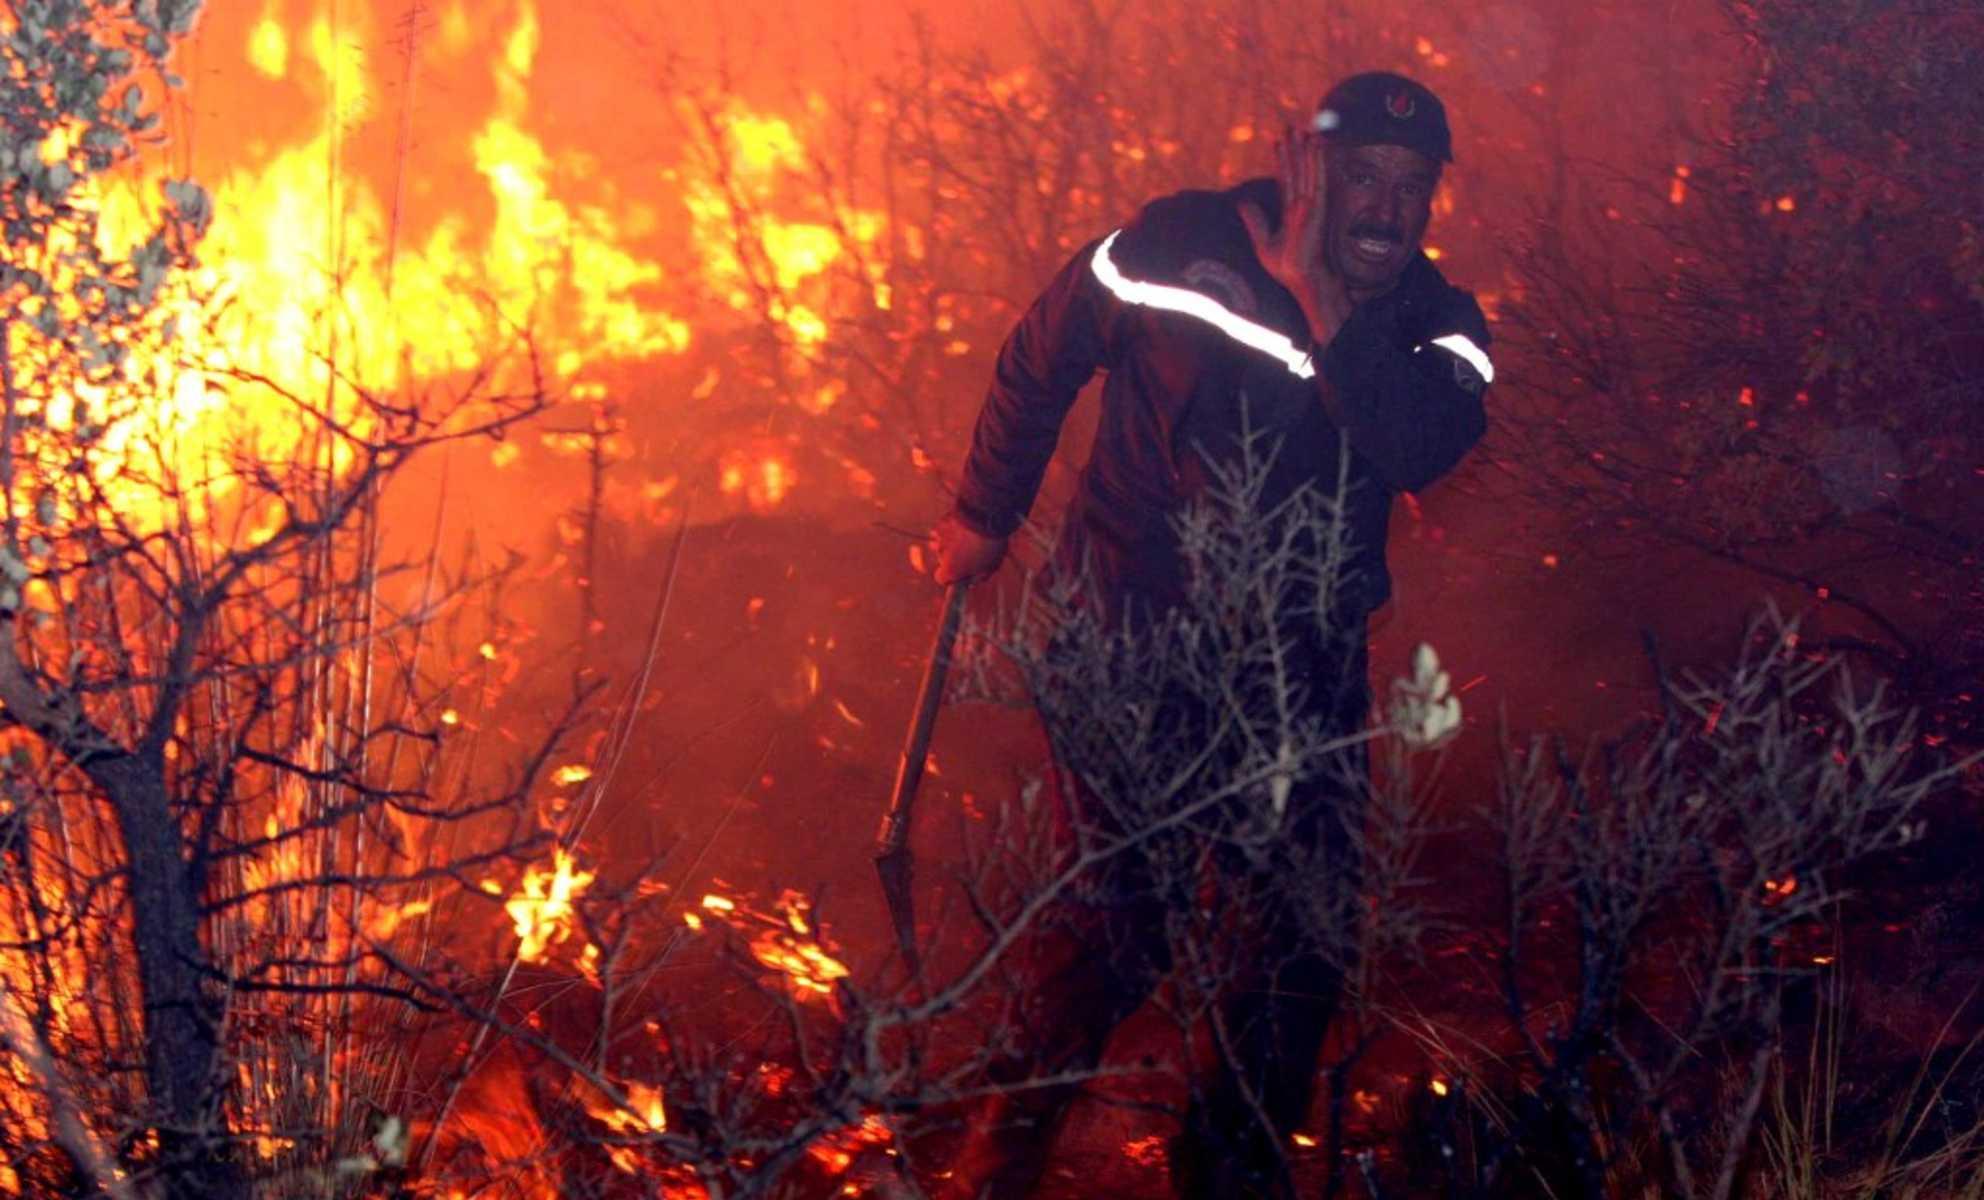 الجزائر تحترق وتشعل مواقع التواصل.. أين طائرات العرب التي هبت لإطفاء النيران في إسرائيل ؟!